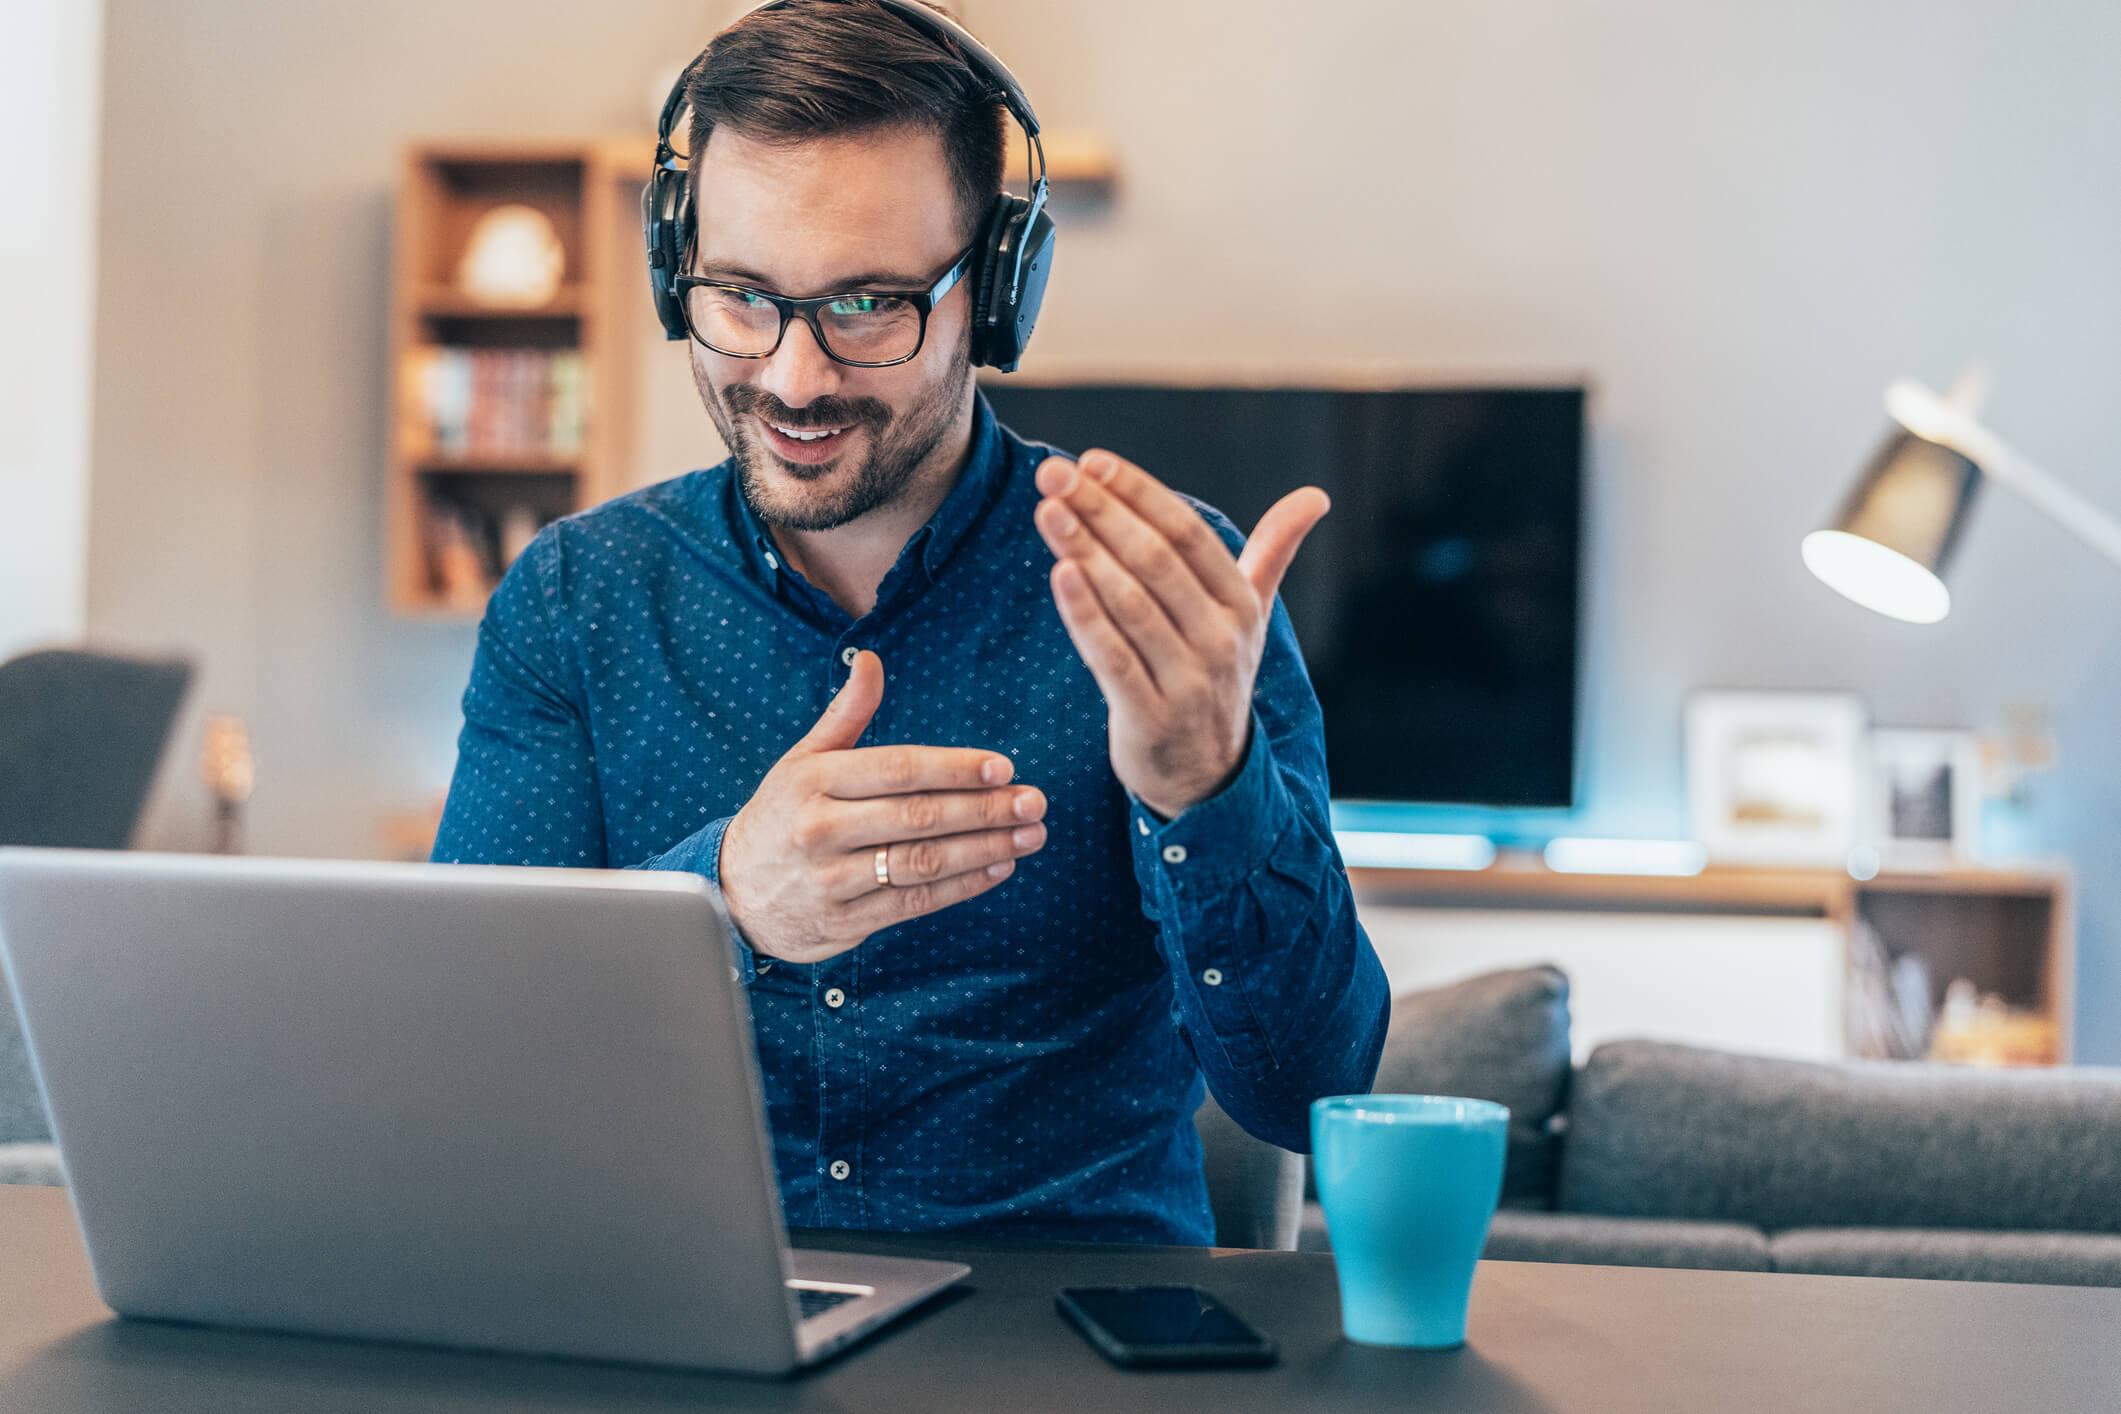 Trabalho remoto: 4 dicas para gerenciar os colaboradores a distância